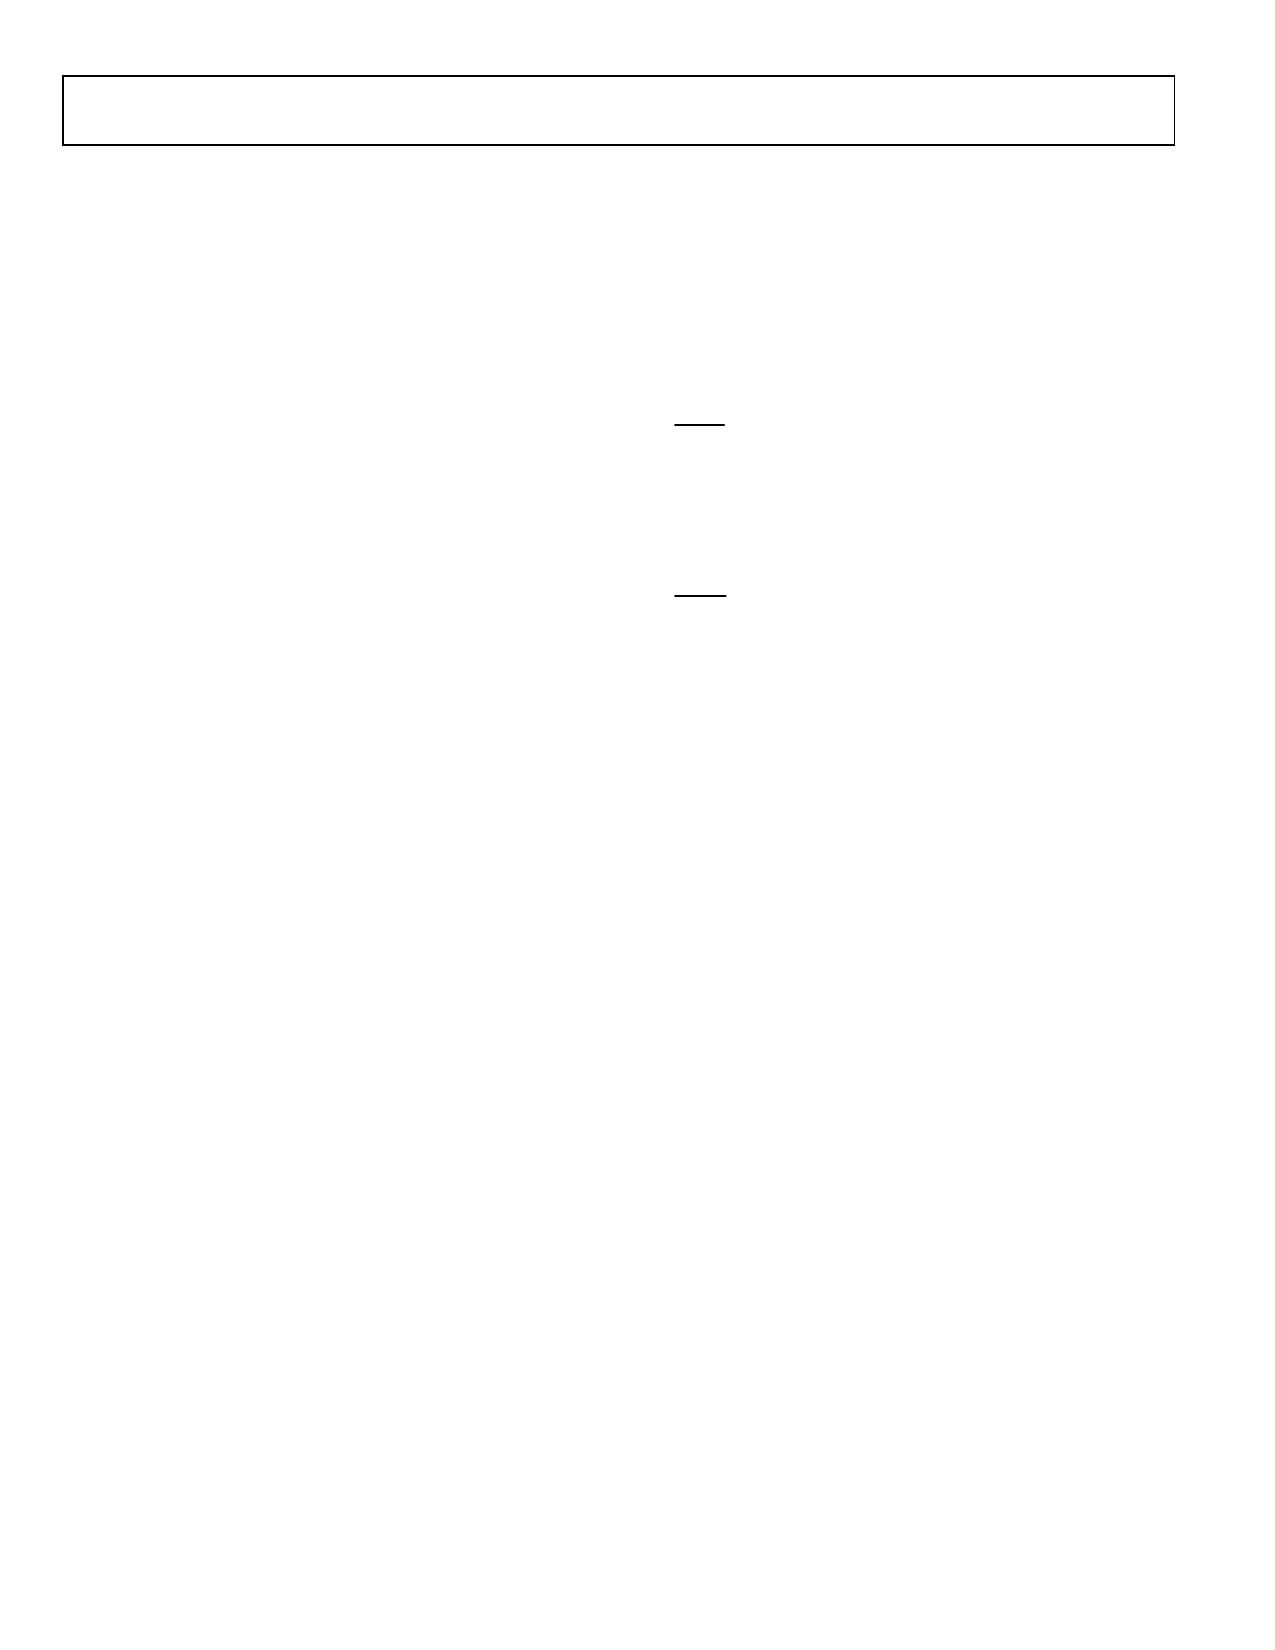 AD5663R Даташит, Описание, Даташиты